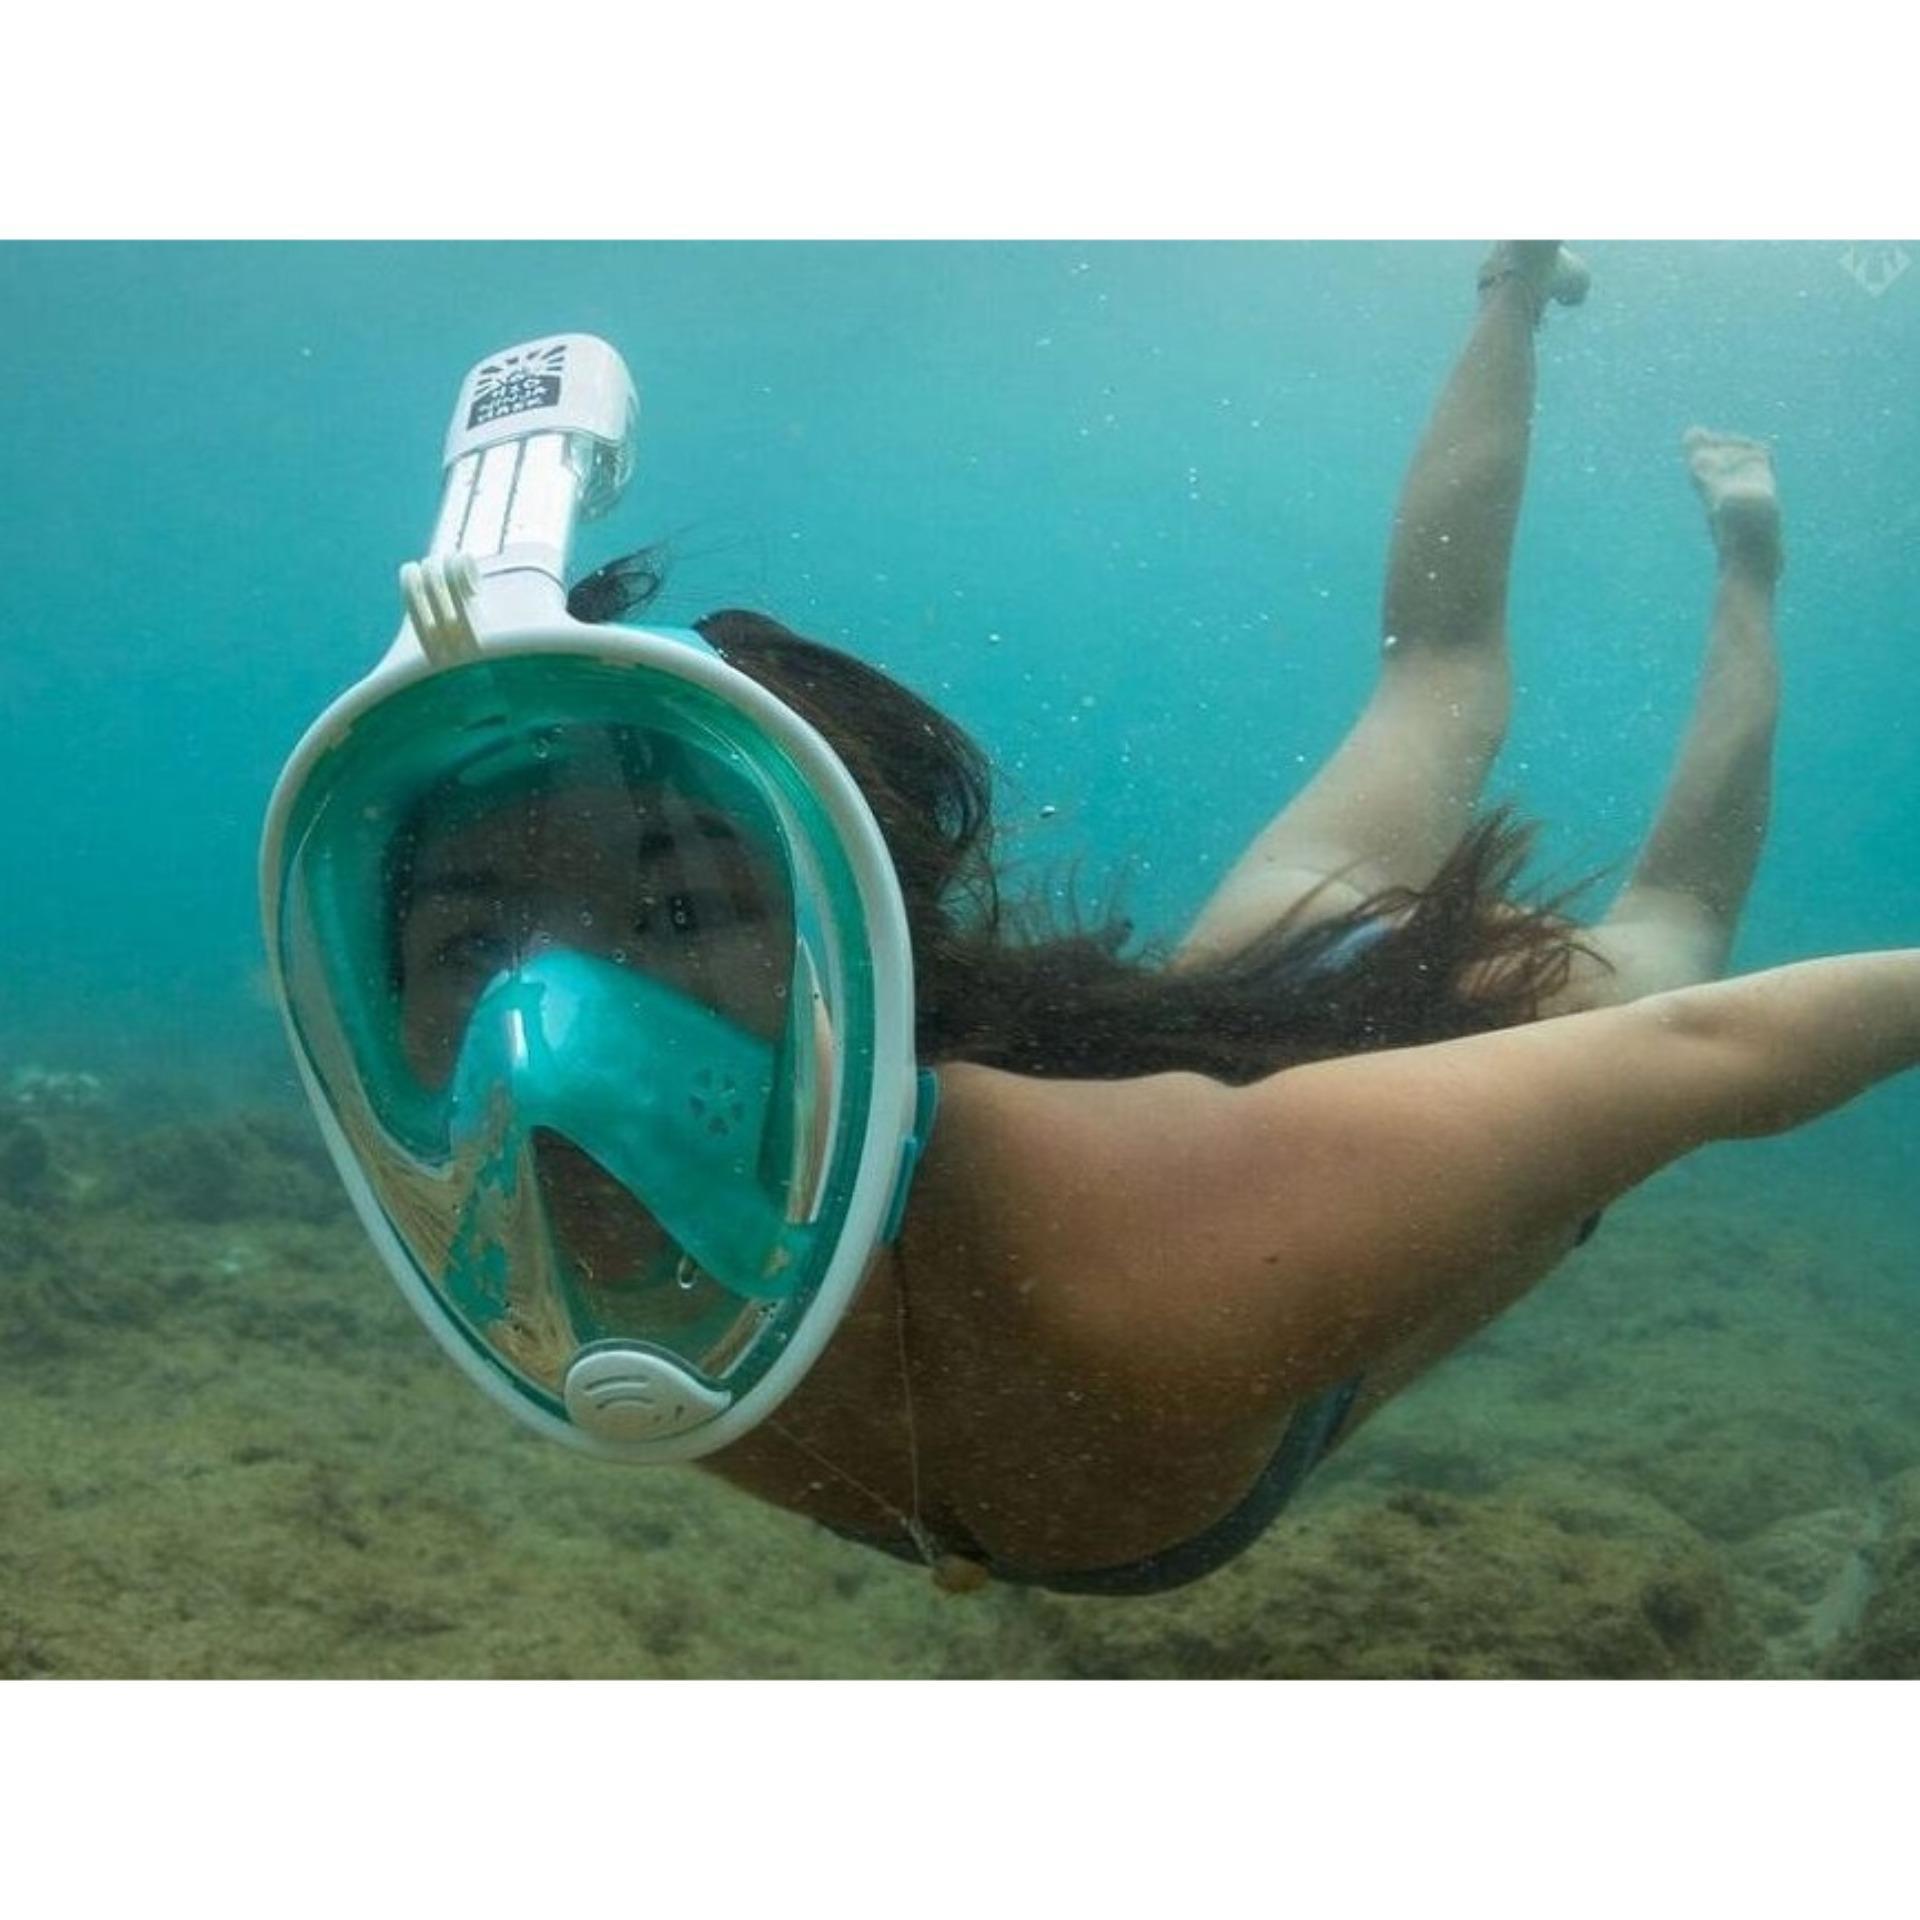 Bình Dưỡng Khí, Mặt Nạ Lặn Full Face, Kính Bơi Lặn Biển, Kính Lặn Liền ống Thở Có Silicon Mềm Ngăn Nước Thấm Vào Bên Trong. Găn Được Camera Hành Trình. Giá Rẻ Bất Ngờ